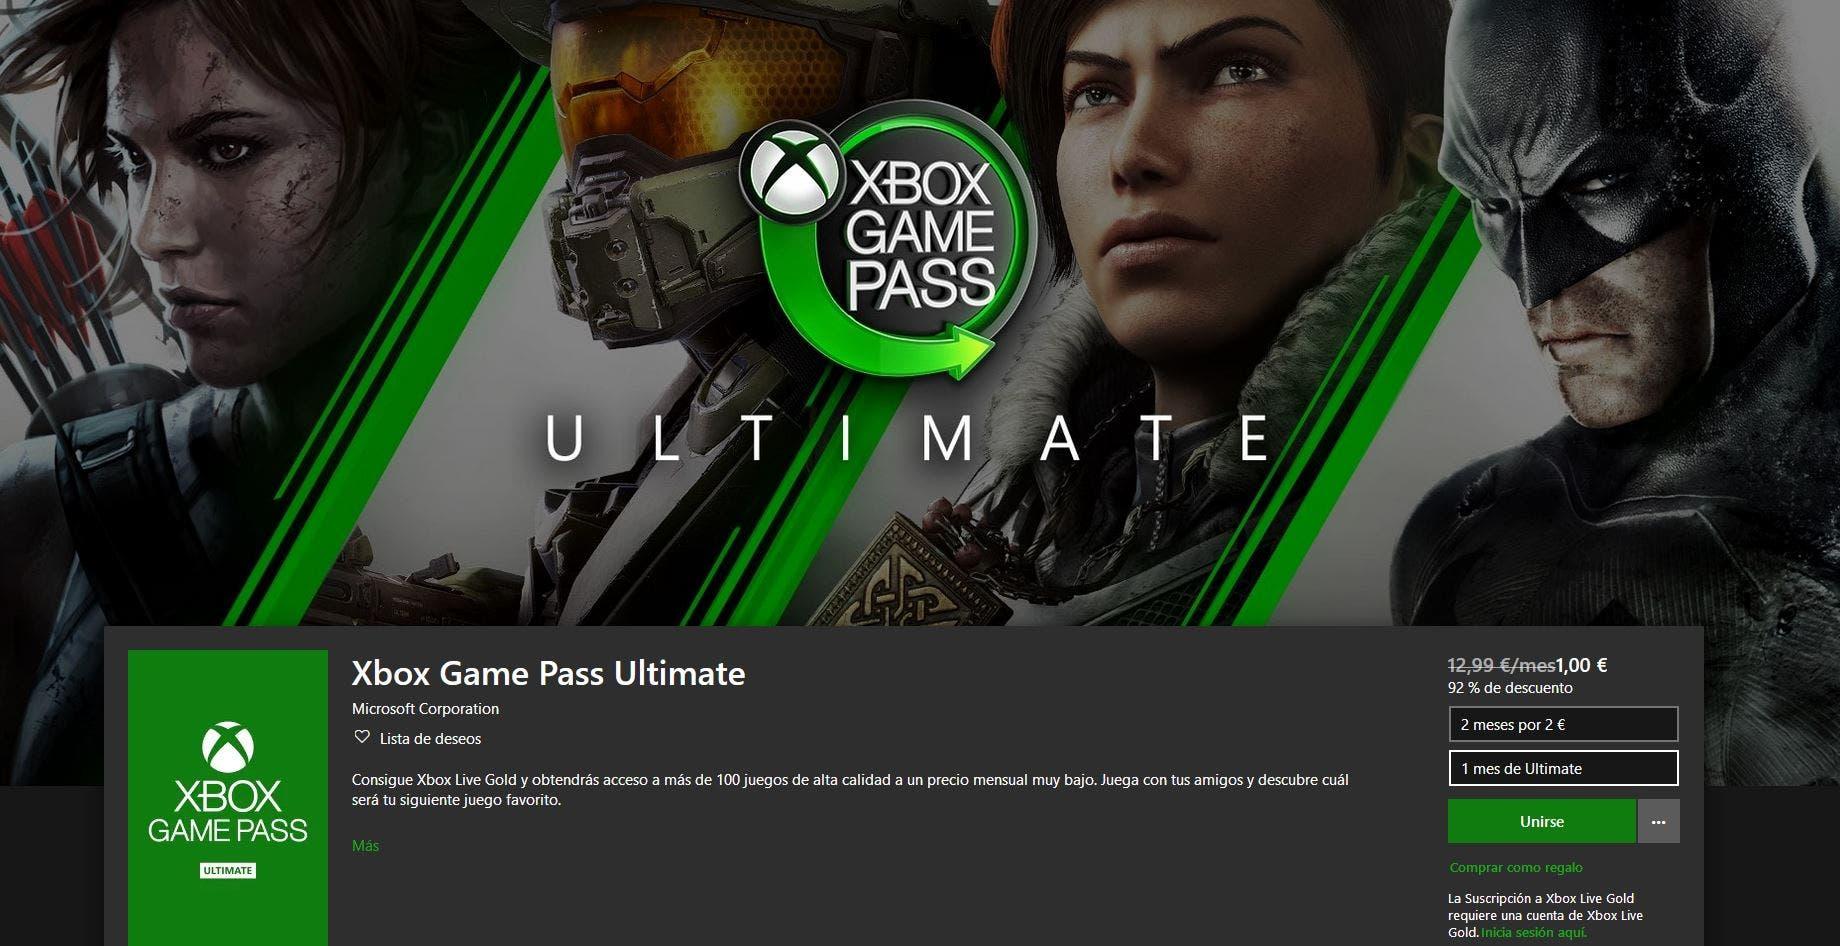 Si queréis jugar a Gears 5 mañana, aprovechad esta promoción de Xbox Game Pass Ultimate por 2€